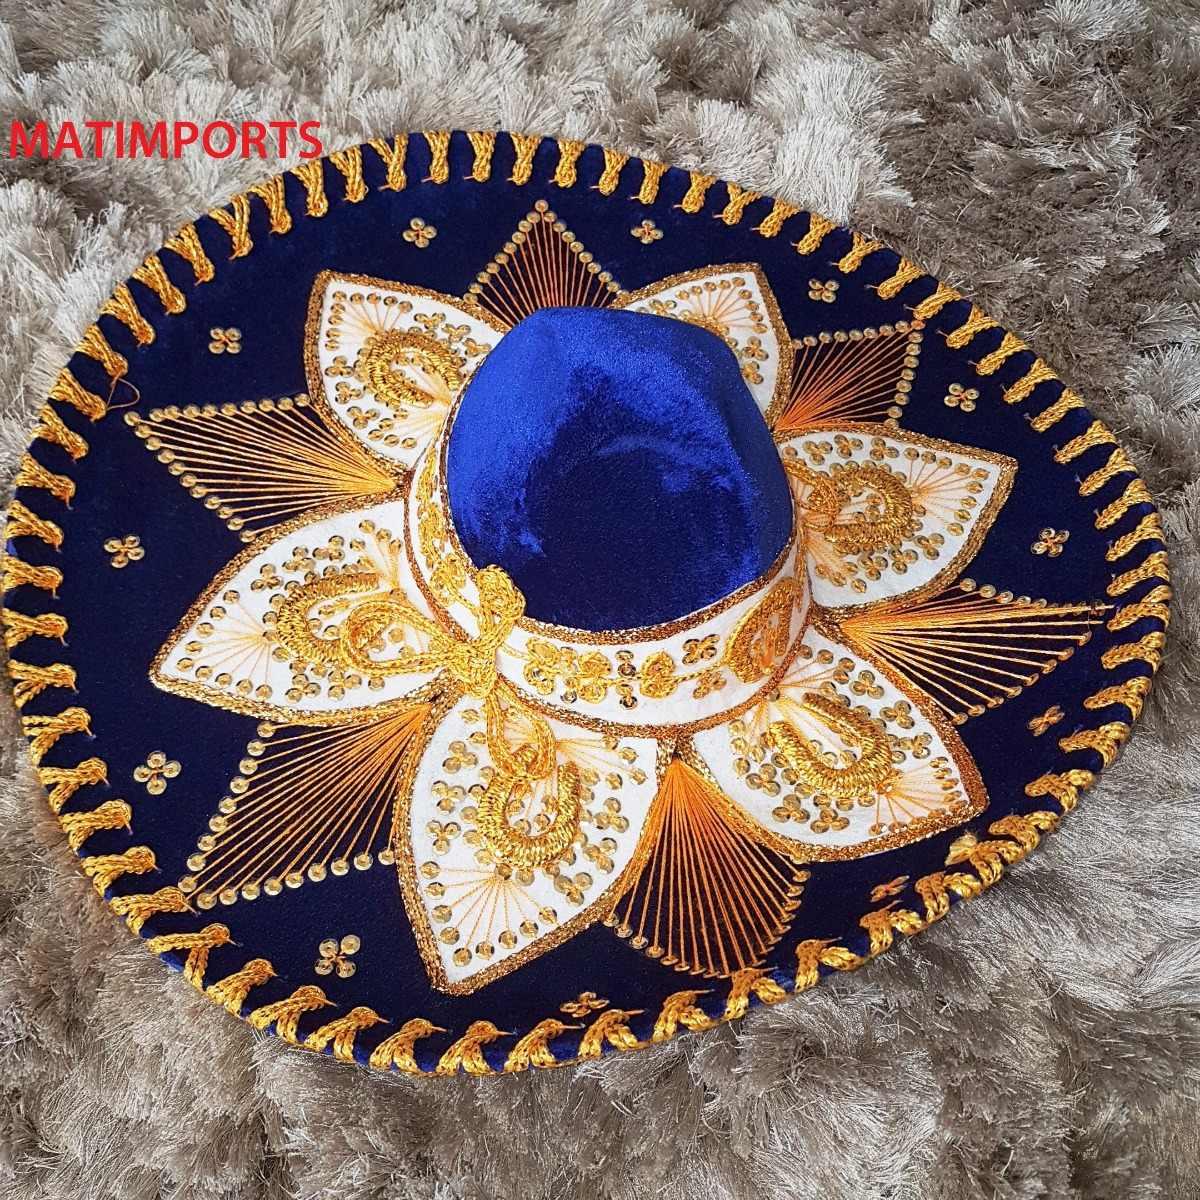 4ccf5e3892200 original sombrero mexicano azul com dourado decoração. Carregando zoom.